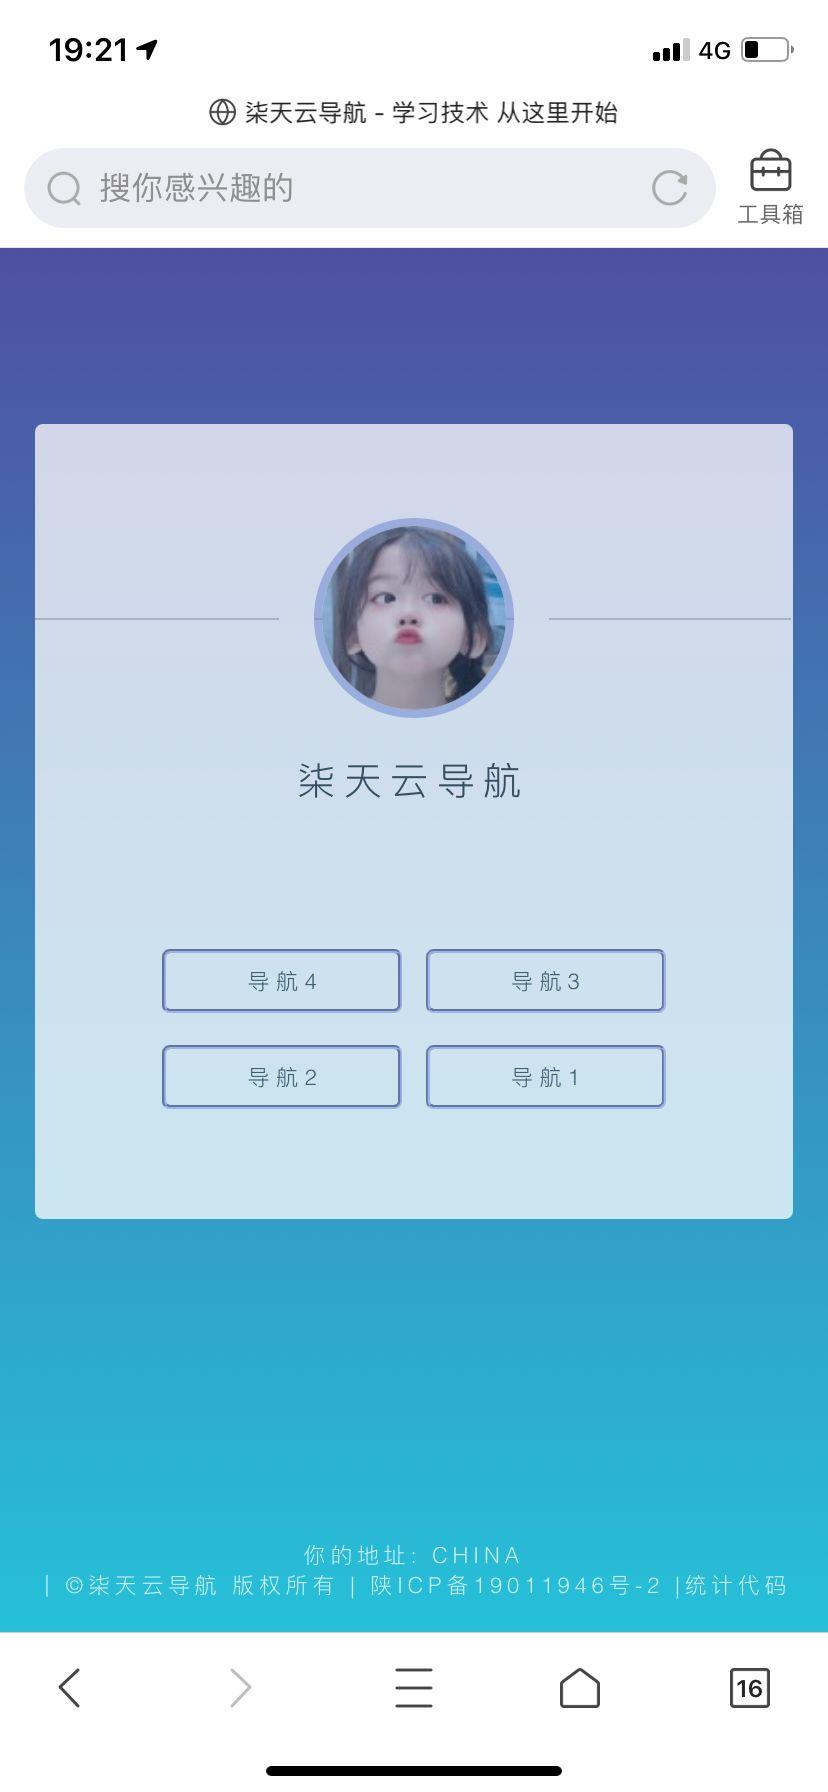 柒天云导航源码全新版本最新版本3.1